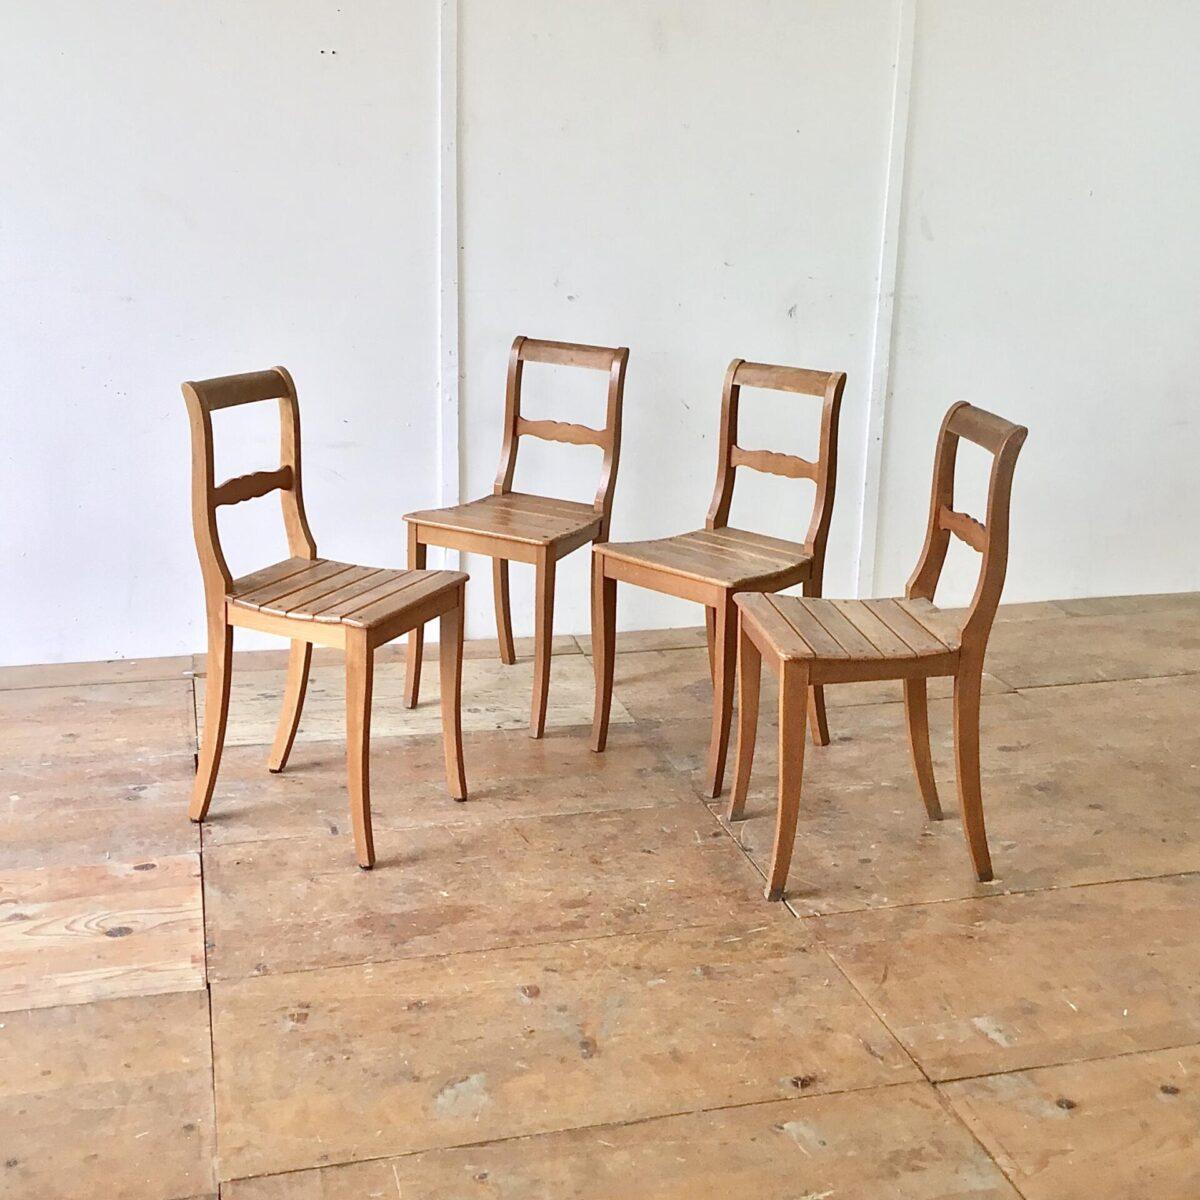 4er Set Esszimmer Stühle aus Buchenholz. Klassische Biedermeierstühle mit den geschwungenen Hinterbeinen und gerundeten Lehne.